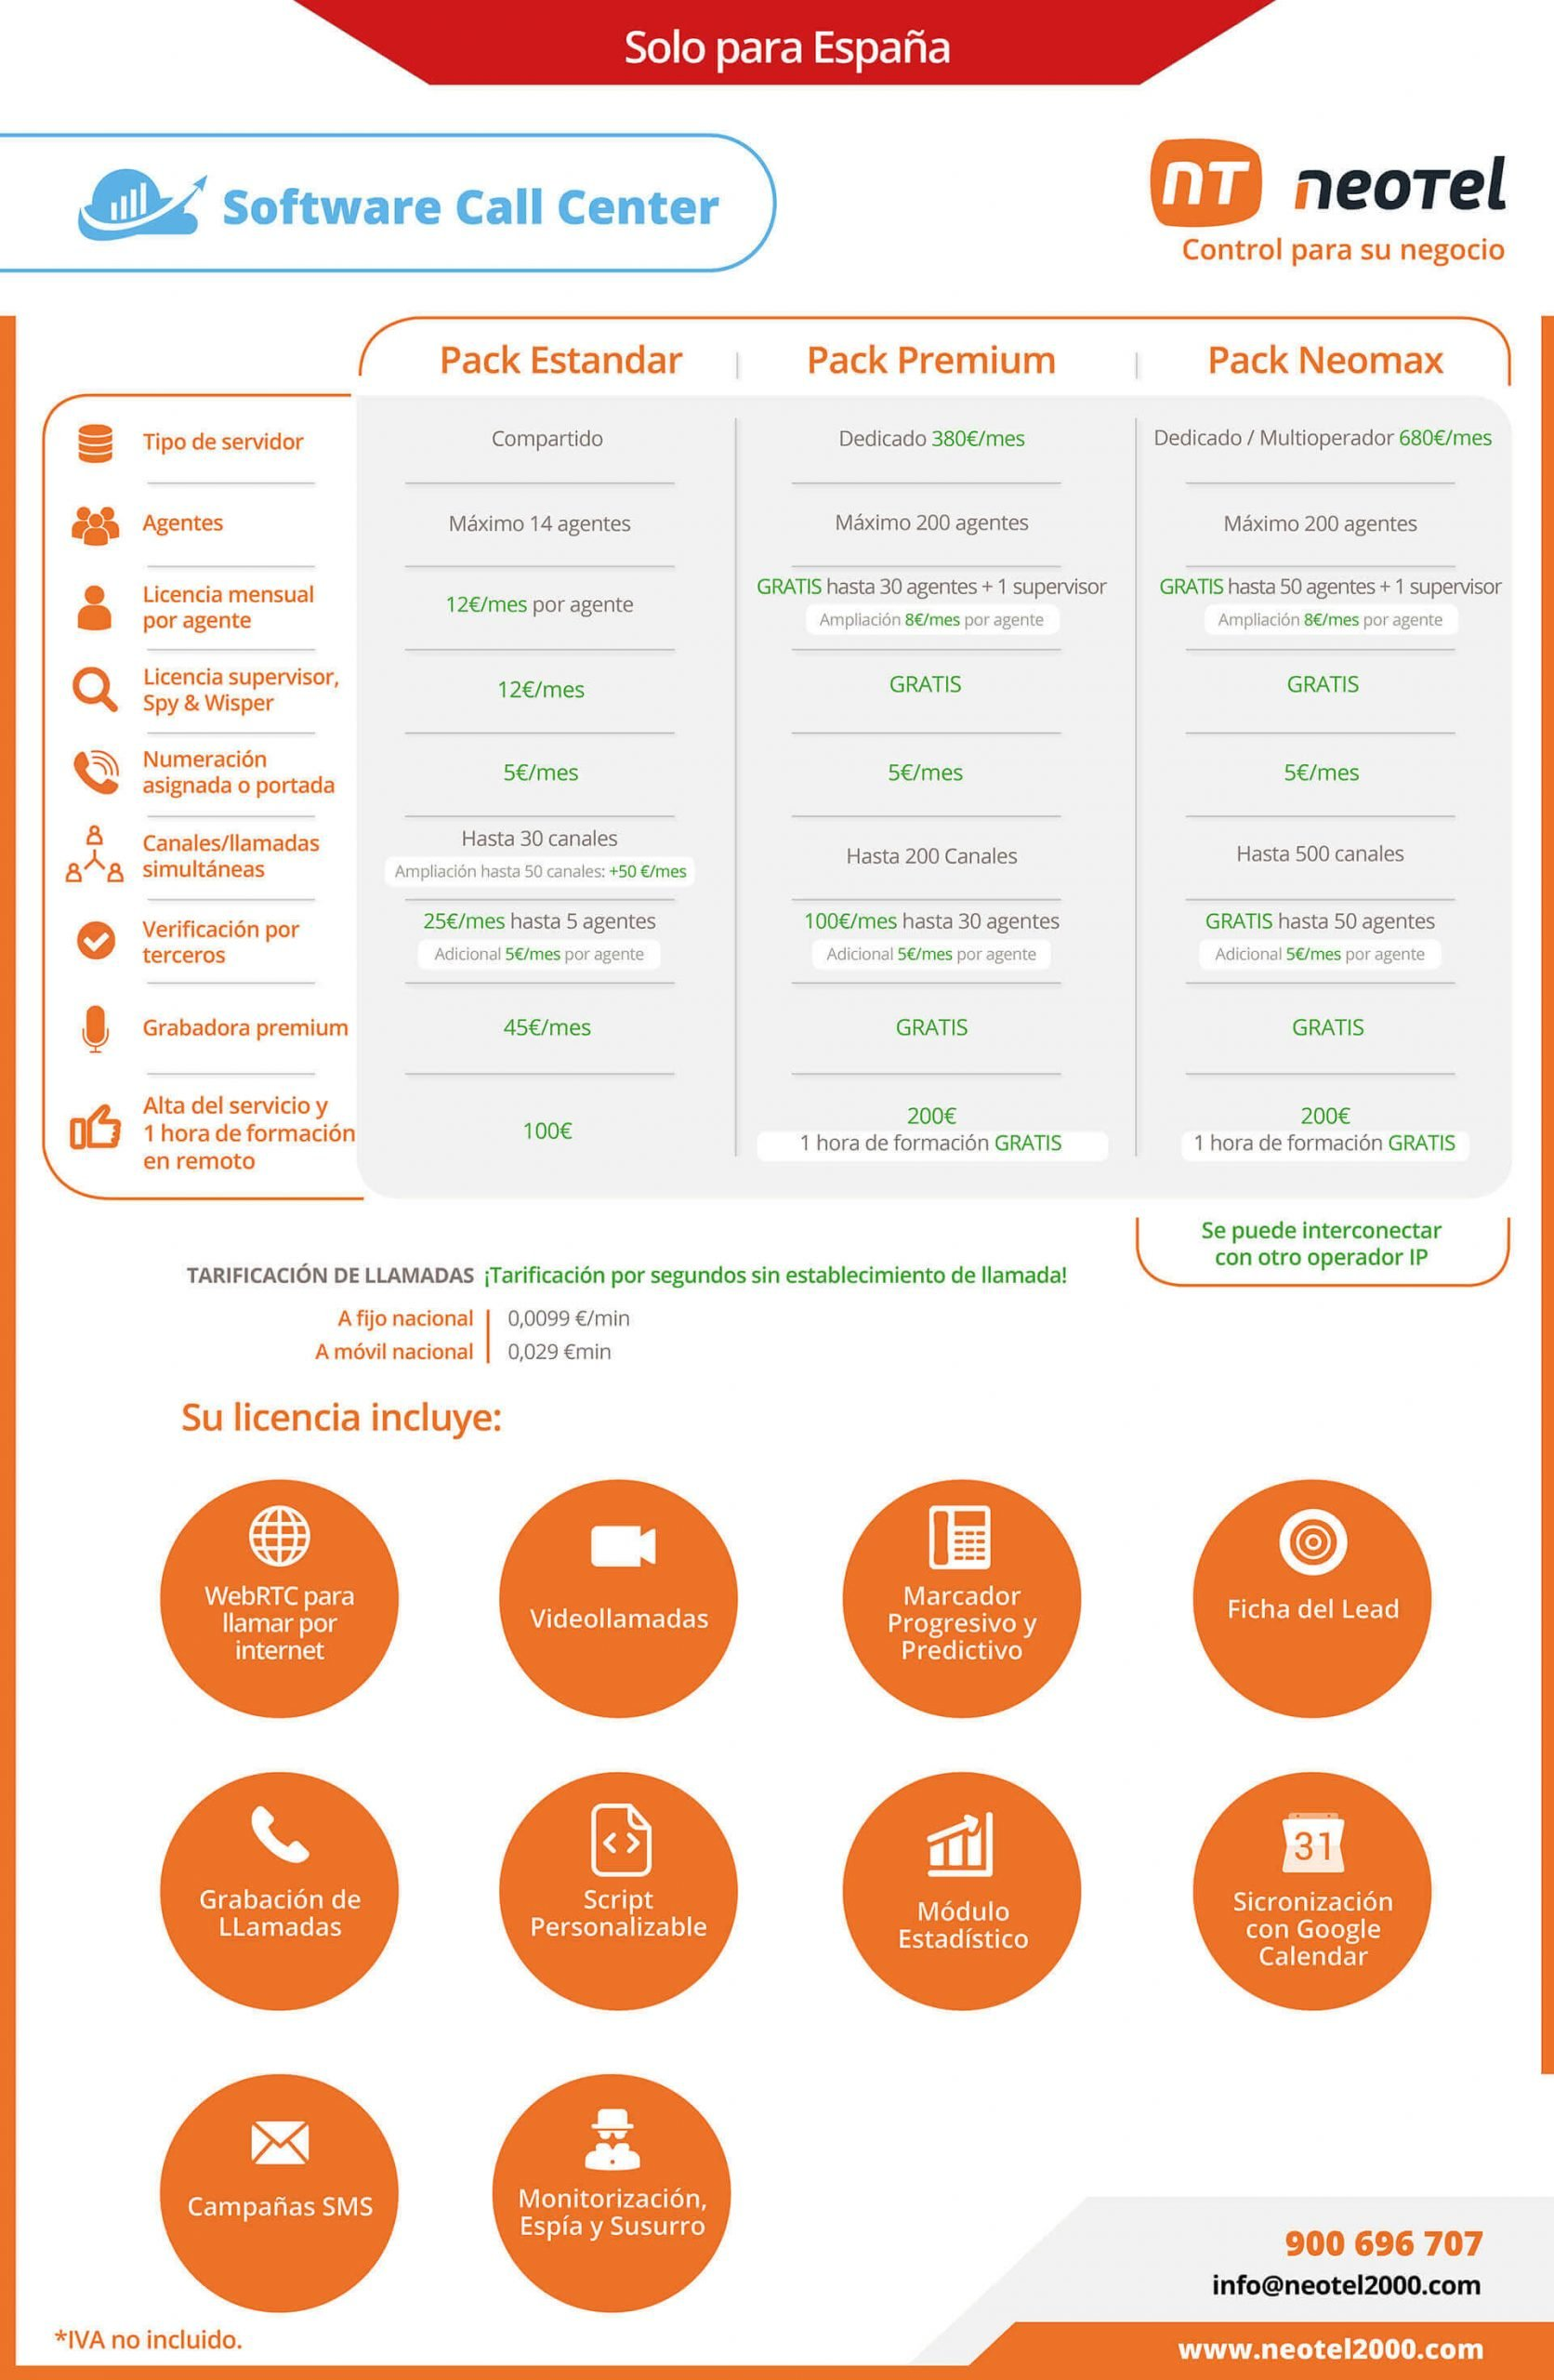 Planes y funciones del software call center Neotel2000